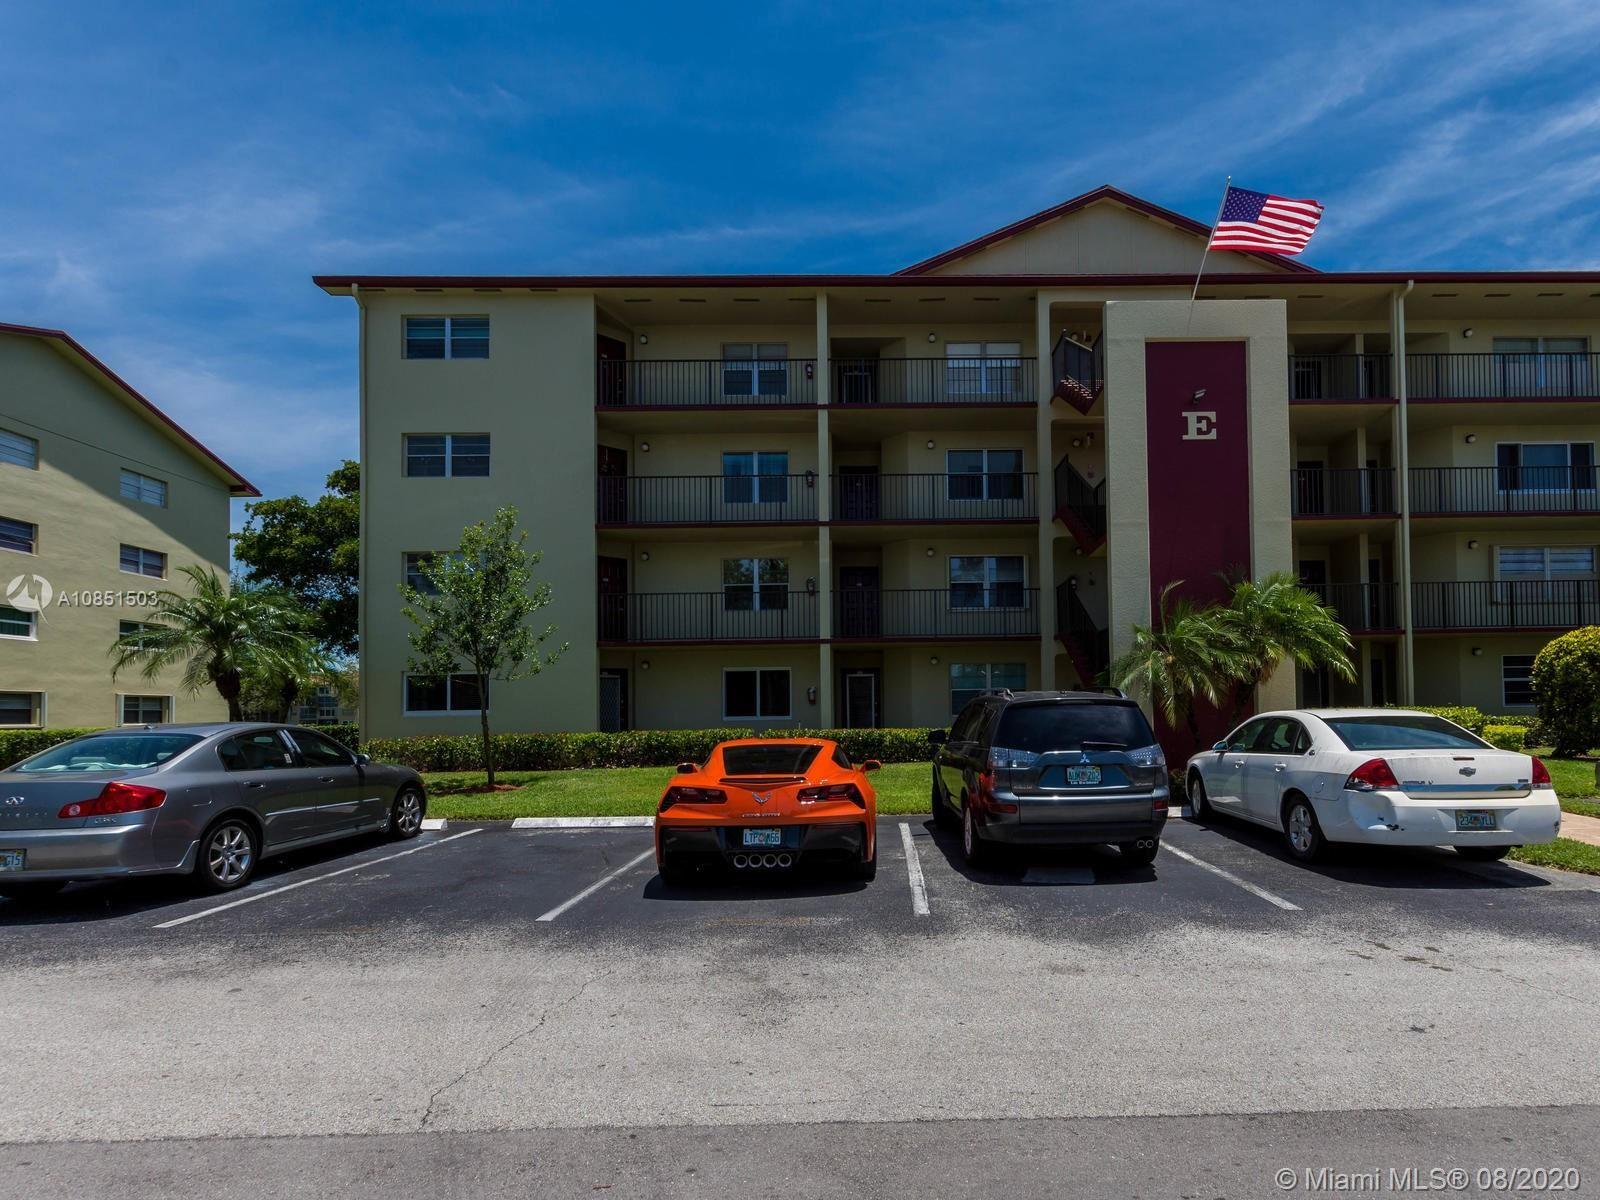 901 SW 128th Ave #201E, Pembroke Pines, FL 33027 - #: A10851503